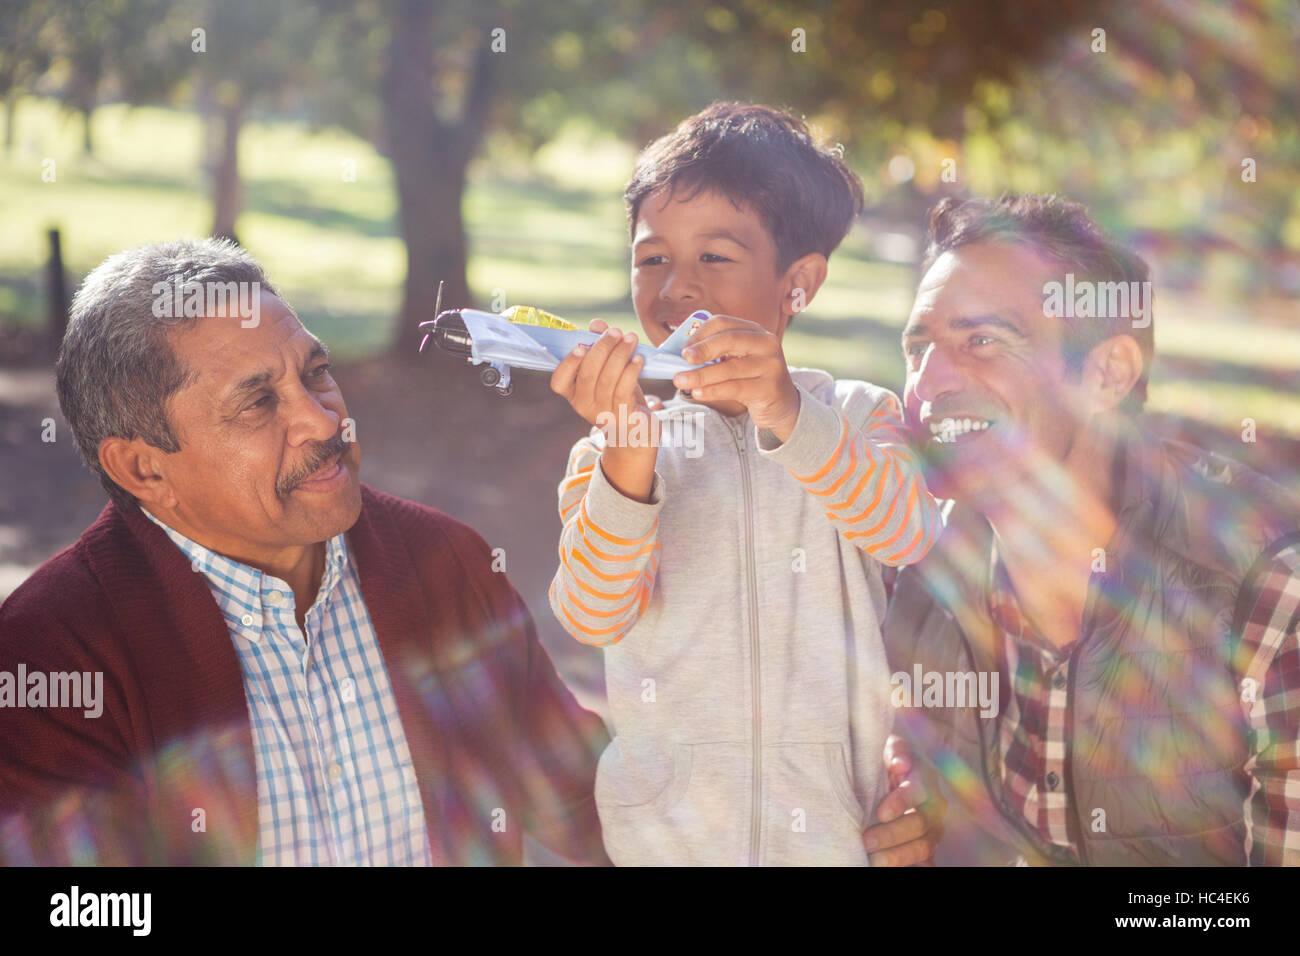 Fröhliche junge mit Spielzeugflugzeug von Familie Stockbild